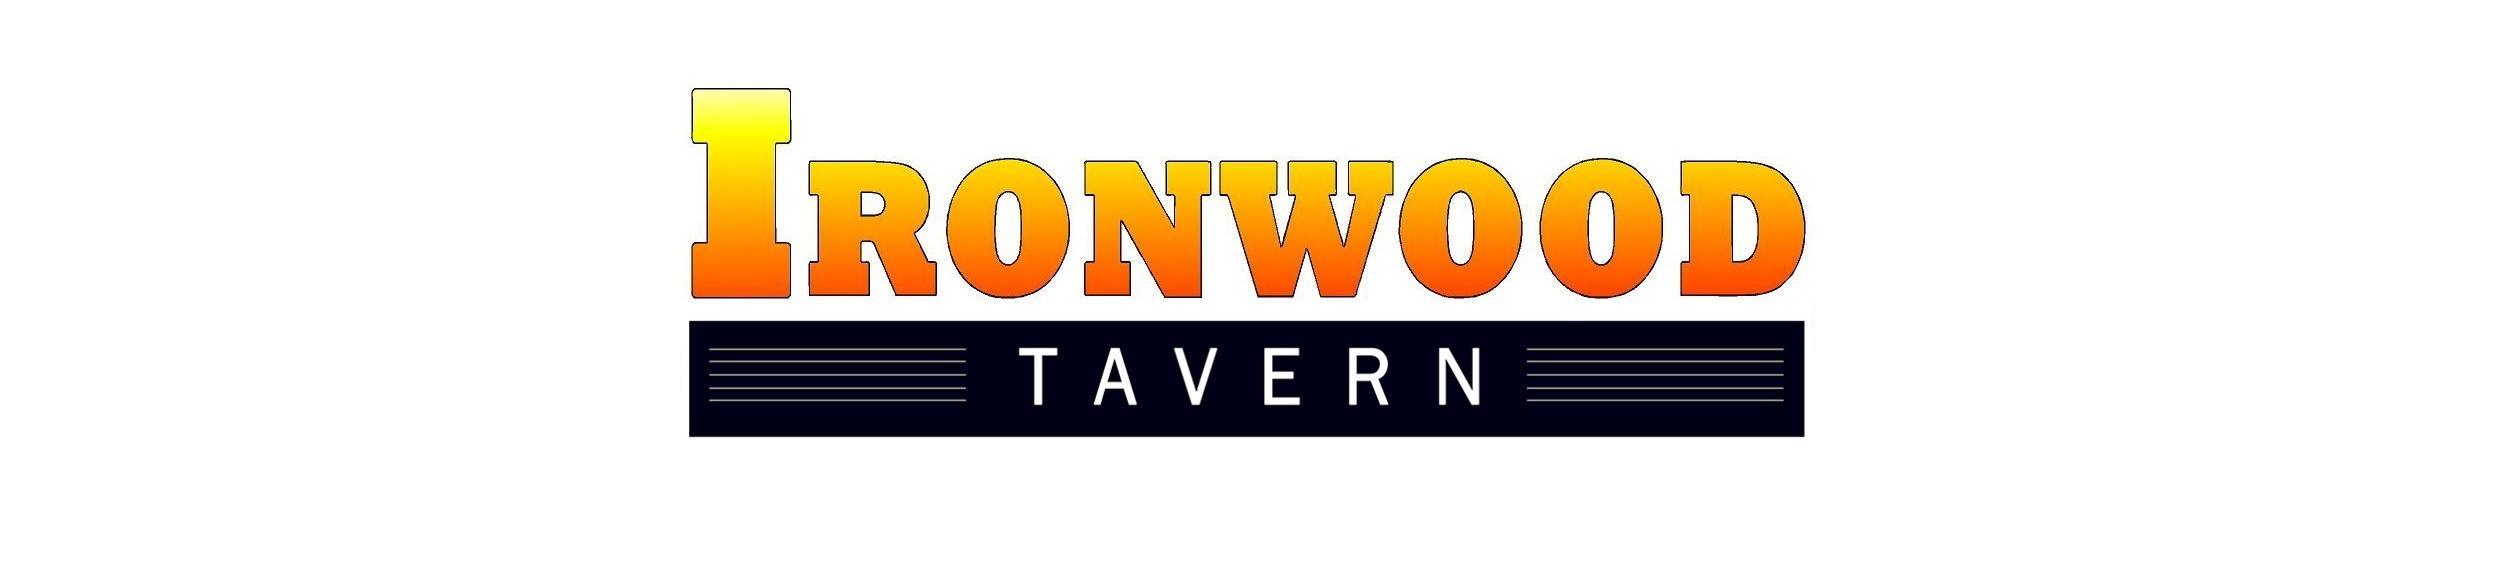 Ironwood Tavern